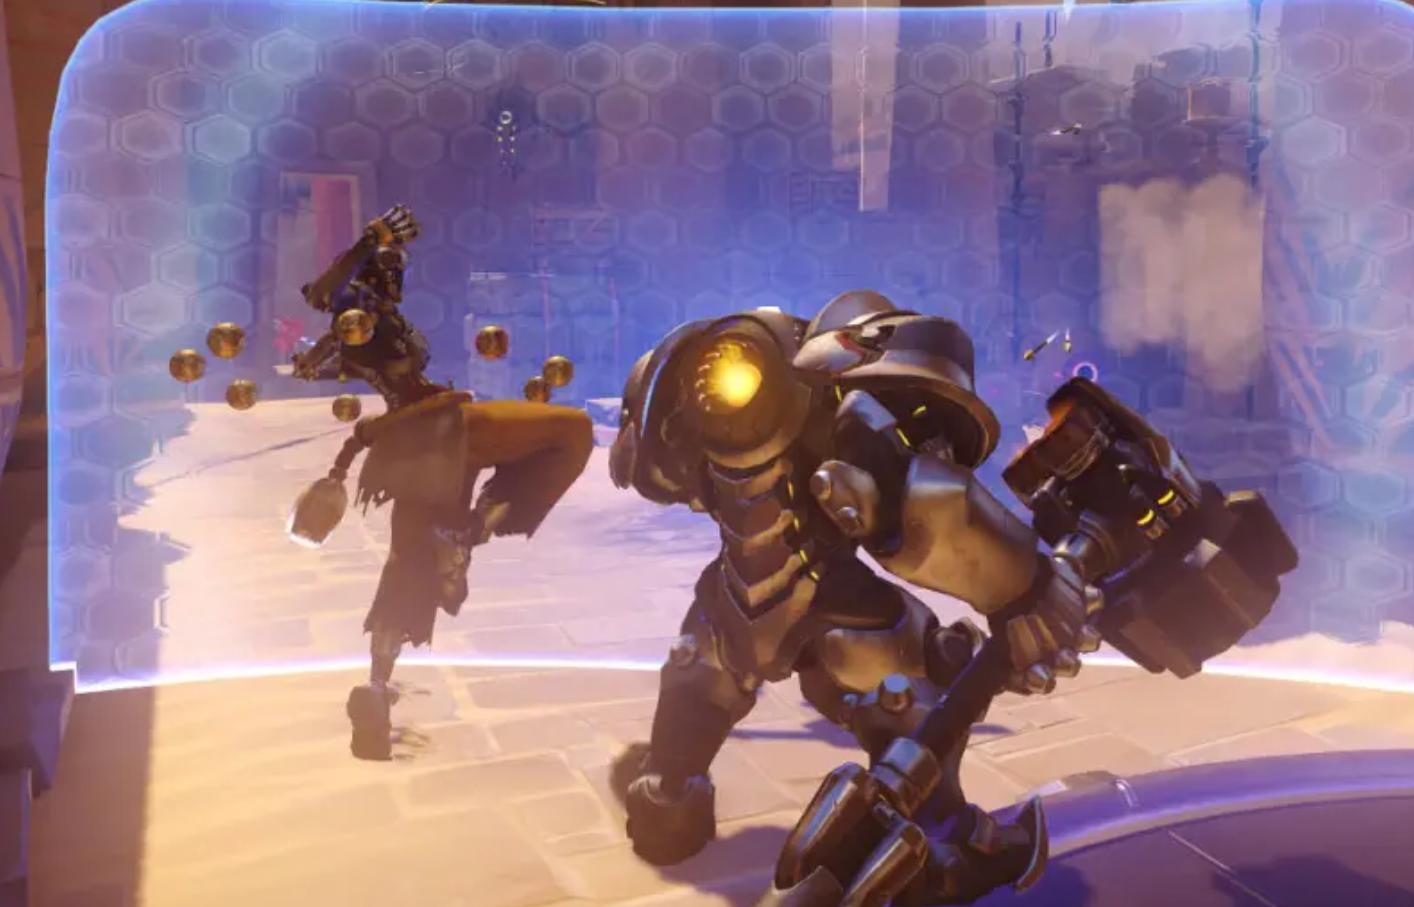 Reinhardt holding shield in Overwatch